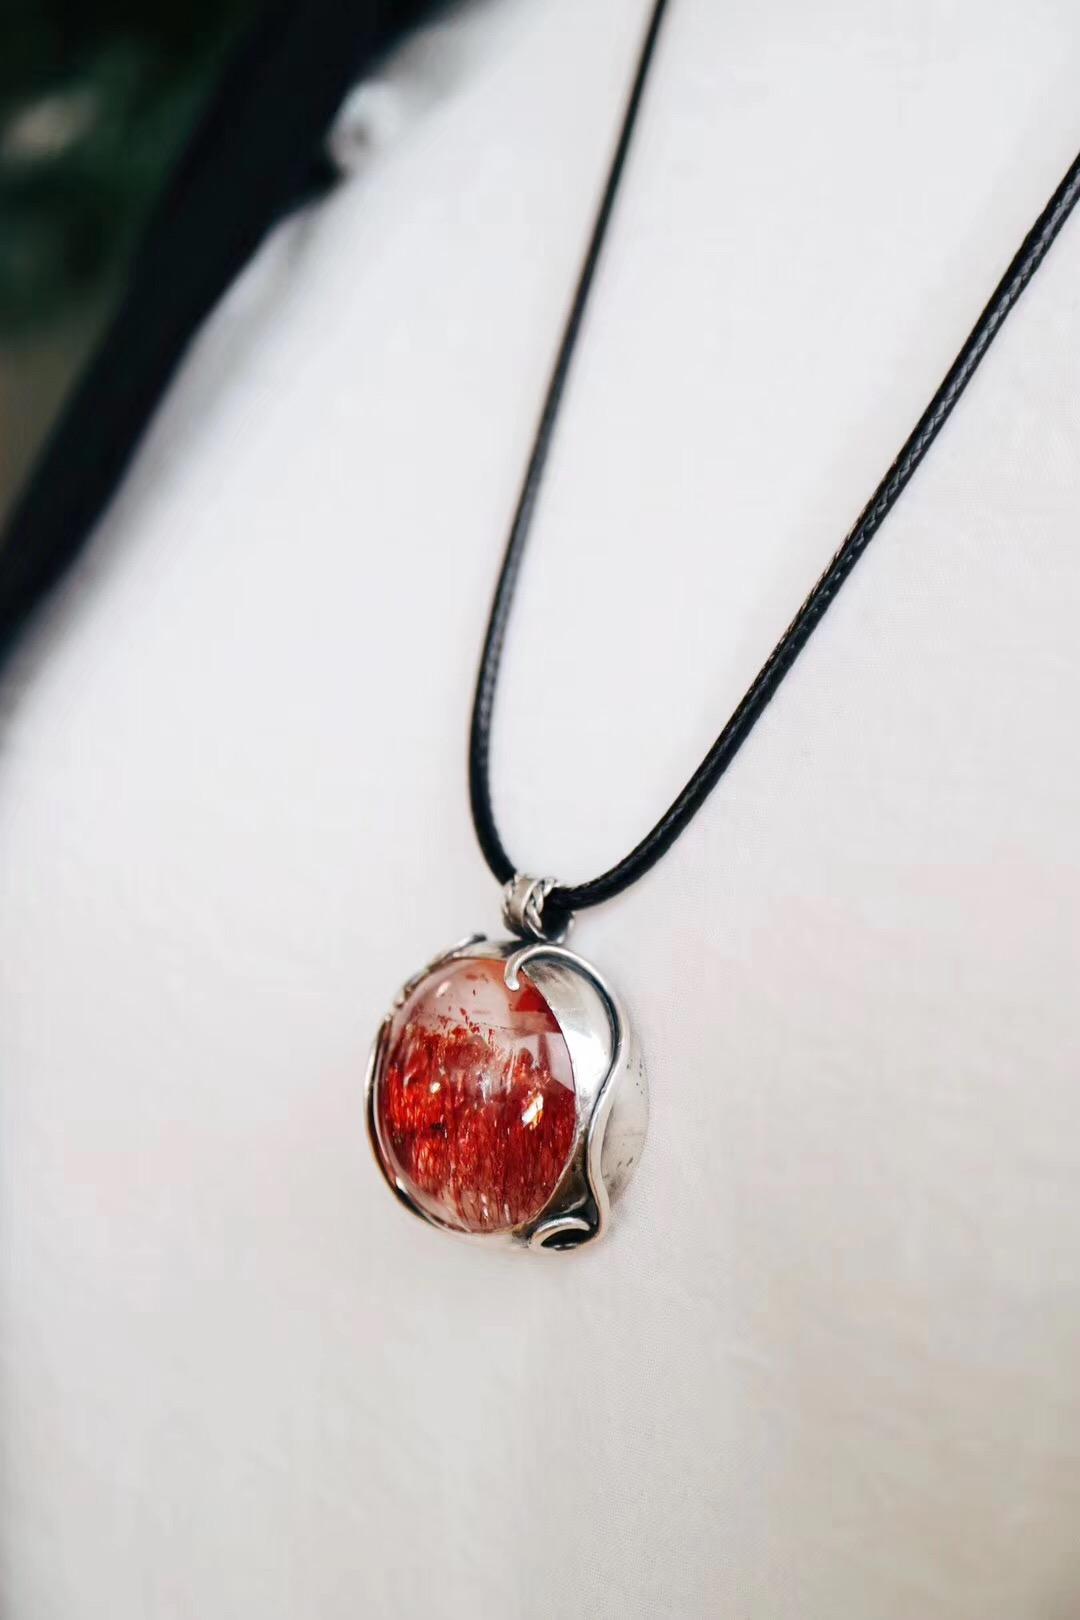 【菩心-金草莓晶】你会发现,每一处的晚霞都不同-菩心晶舍